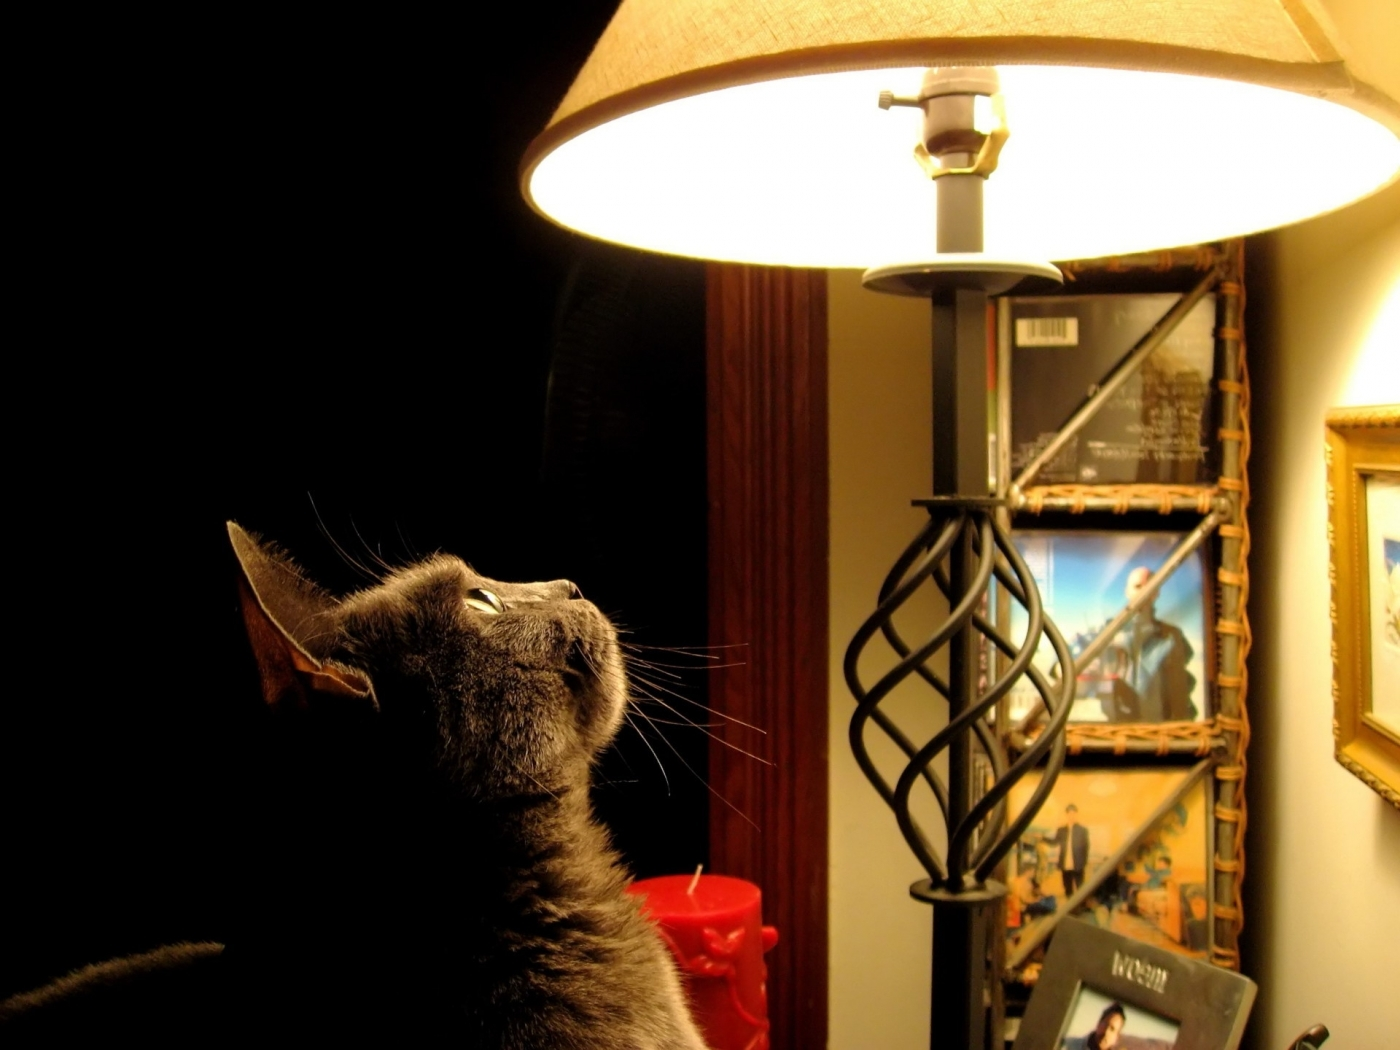 43969 скачать обои Животные, Кошки (Коты, Котики), Объекты - заставки и картинки бесплатно